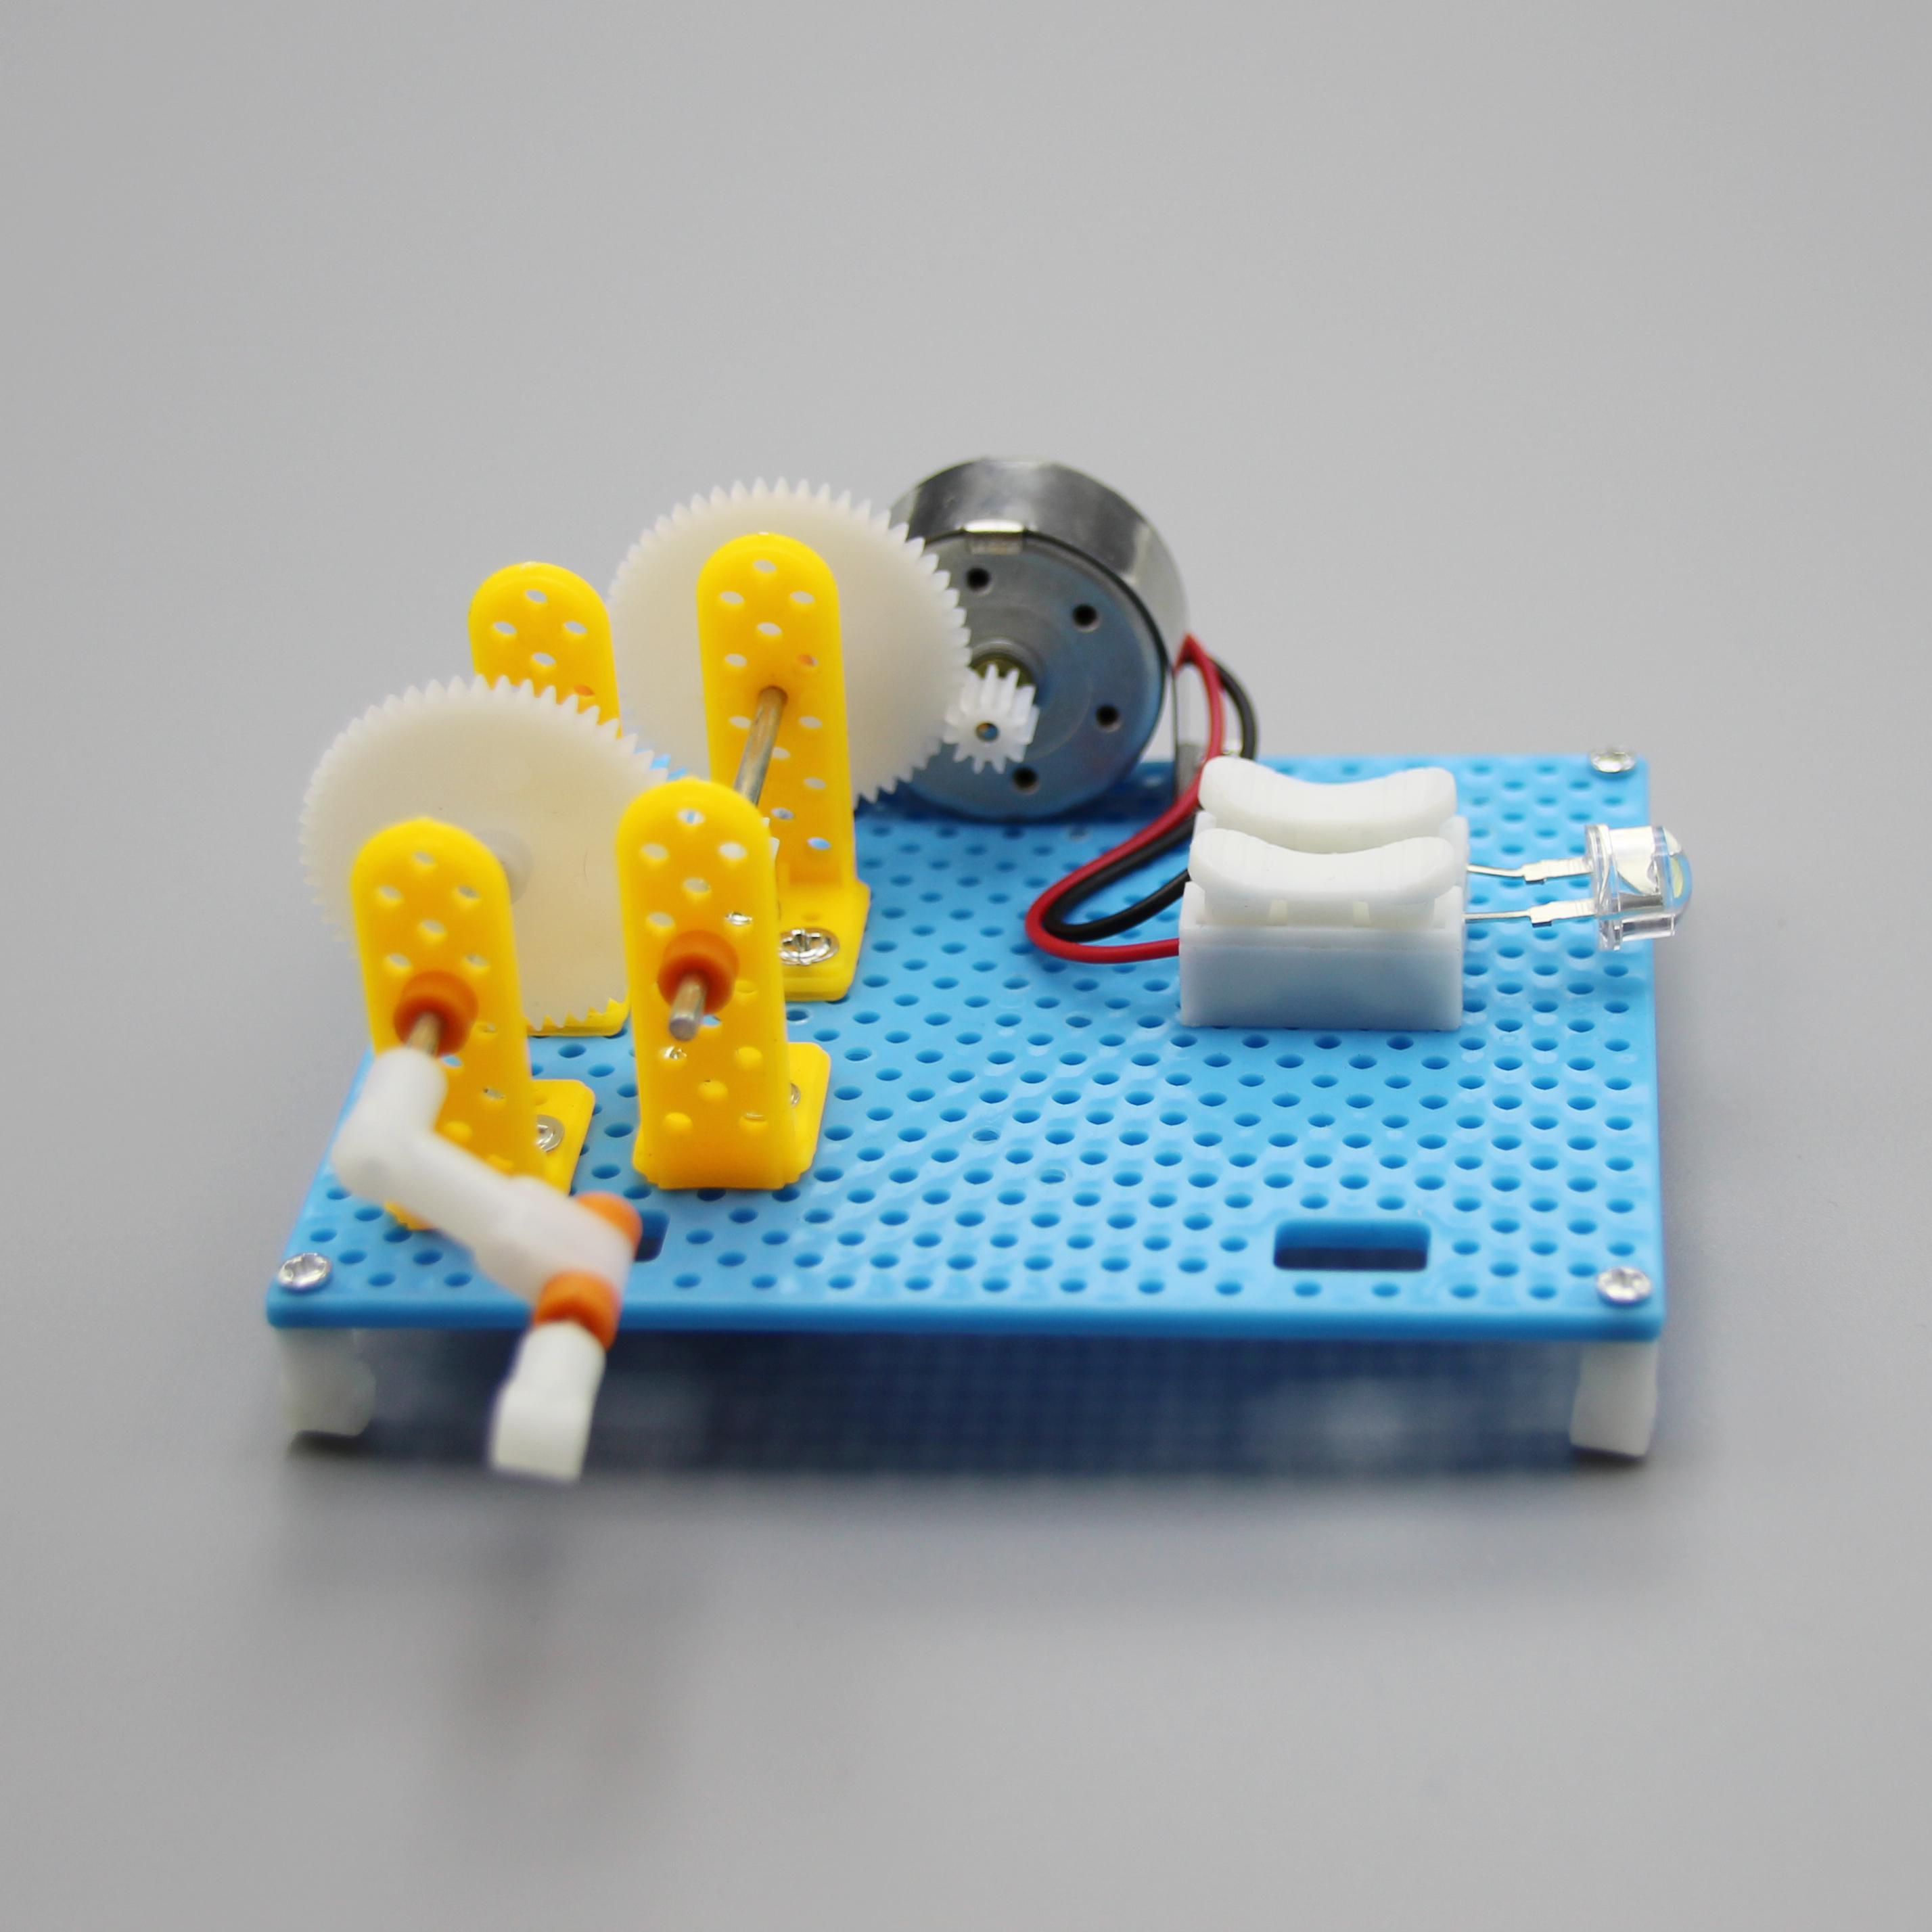 科技小制作手摇发电机模型材料小学生科学实验 儿童365bet网上娱乐_365bet y亚洲_365bet体育在线导航小发明